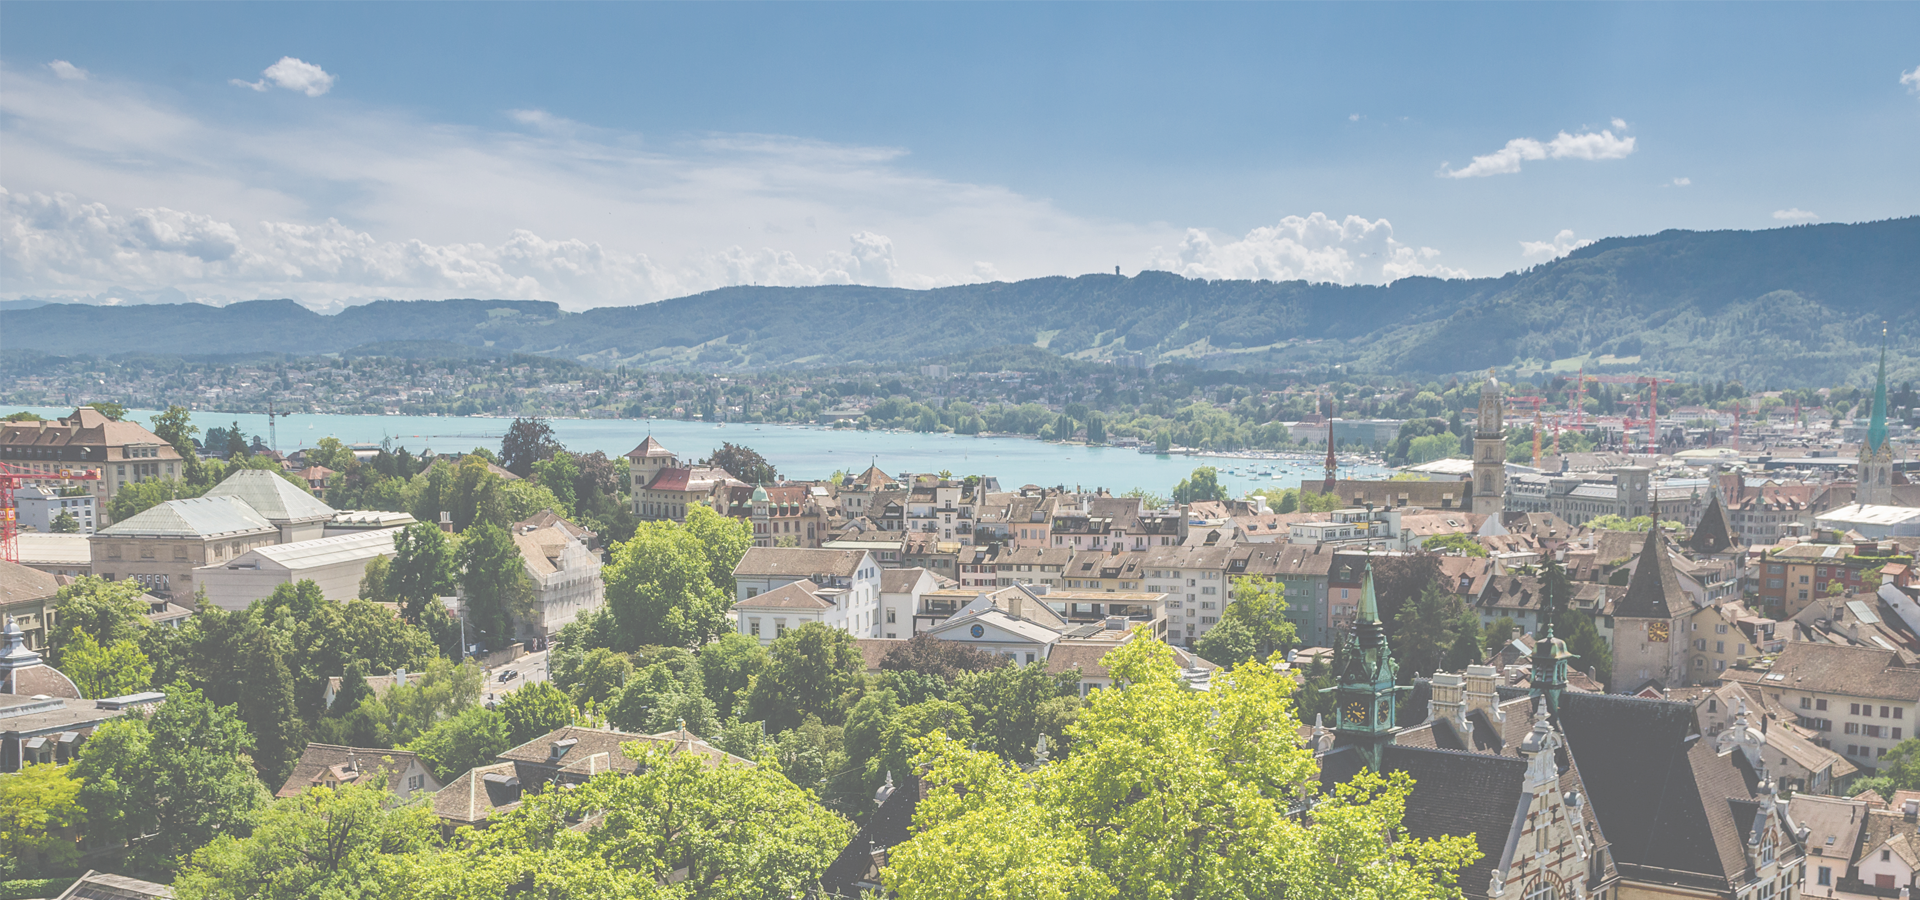 Peer-to-peer advisory in Geneva, Canton of Genève, Switzerland